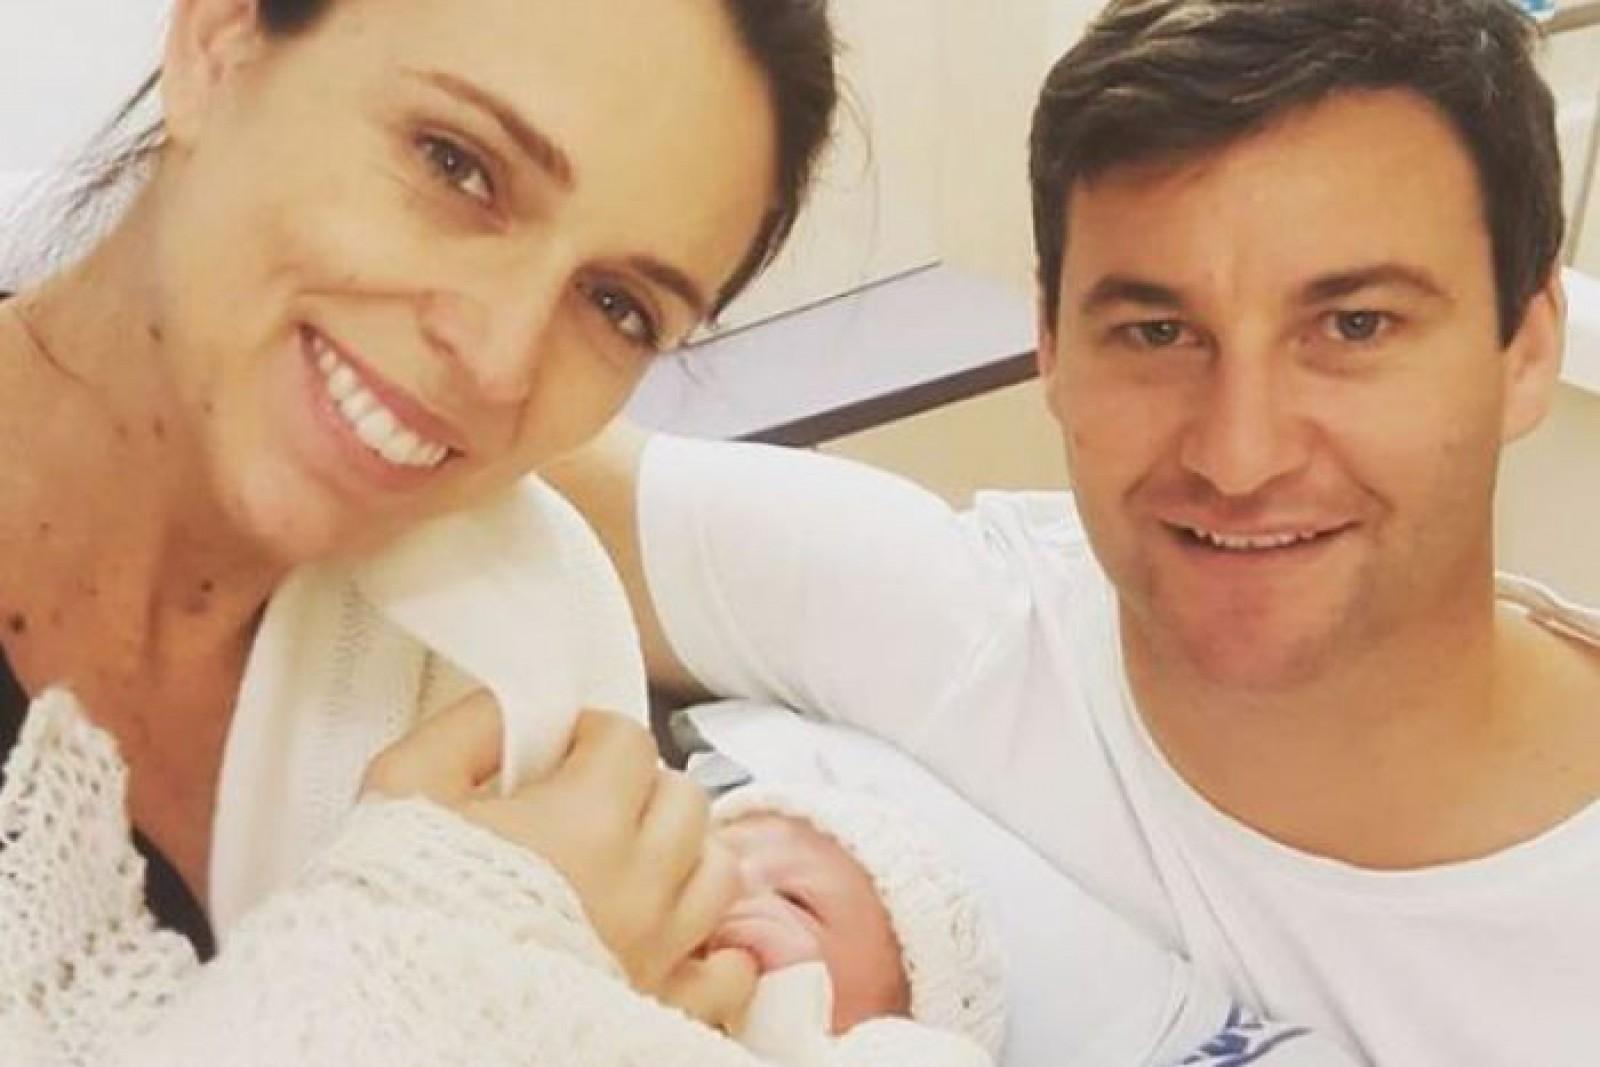 Premierul Noii Zeelande a născut o fetiță: Este al doilea prim-ministru din istorie, care a născut în timp ce deține șefia unei țări